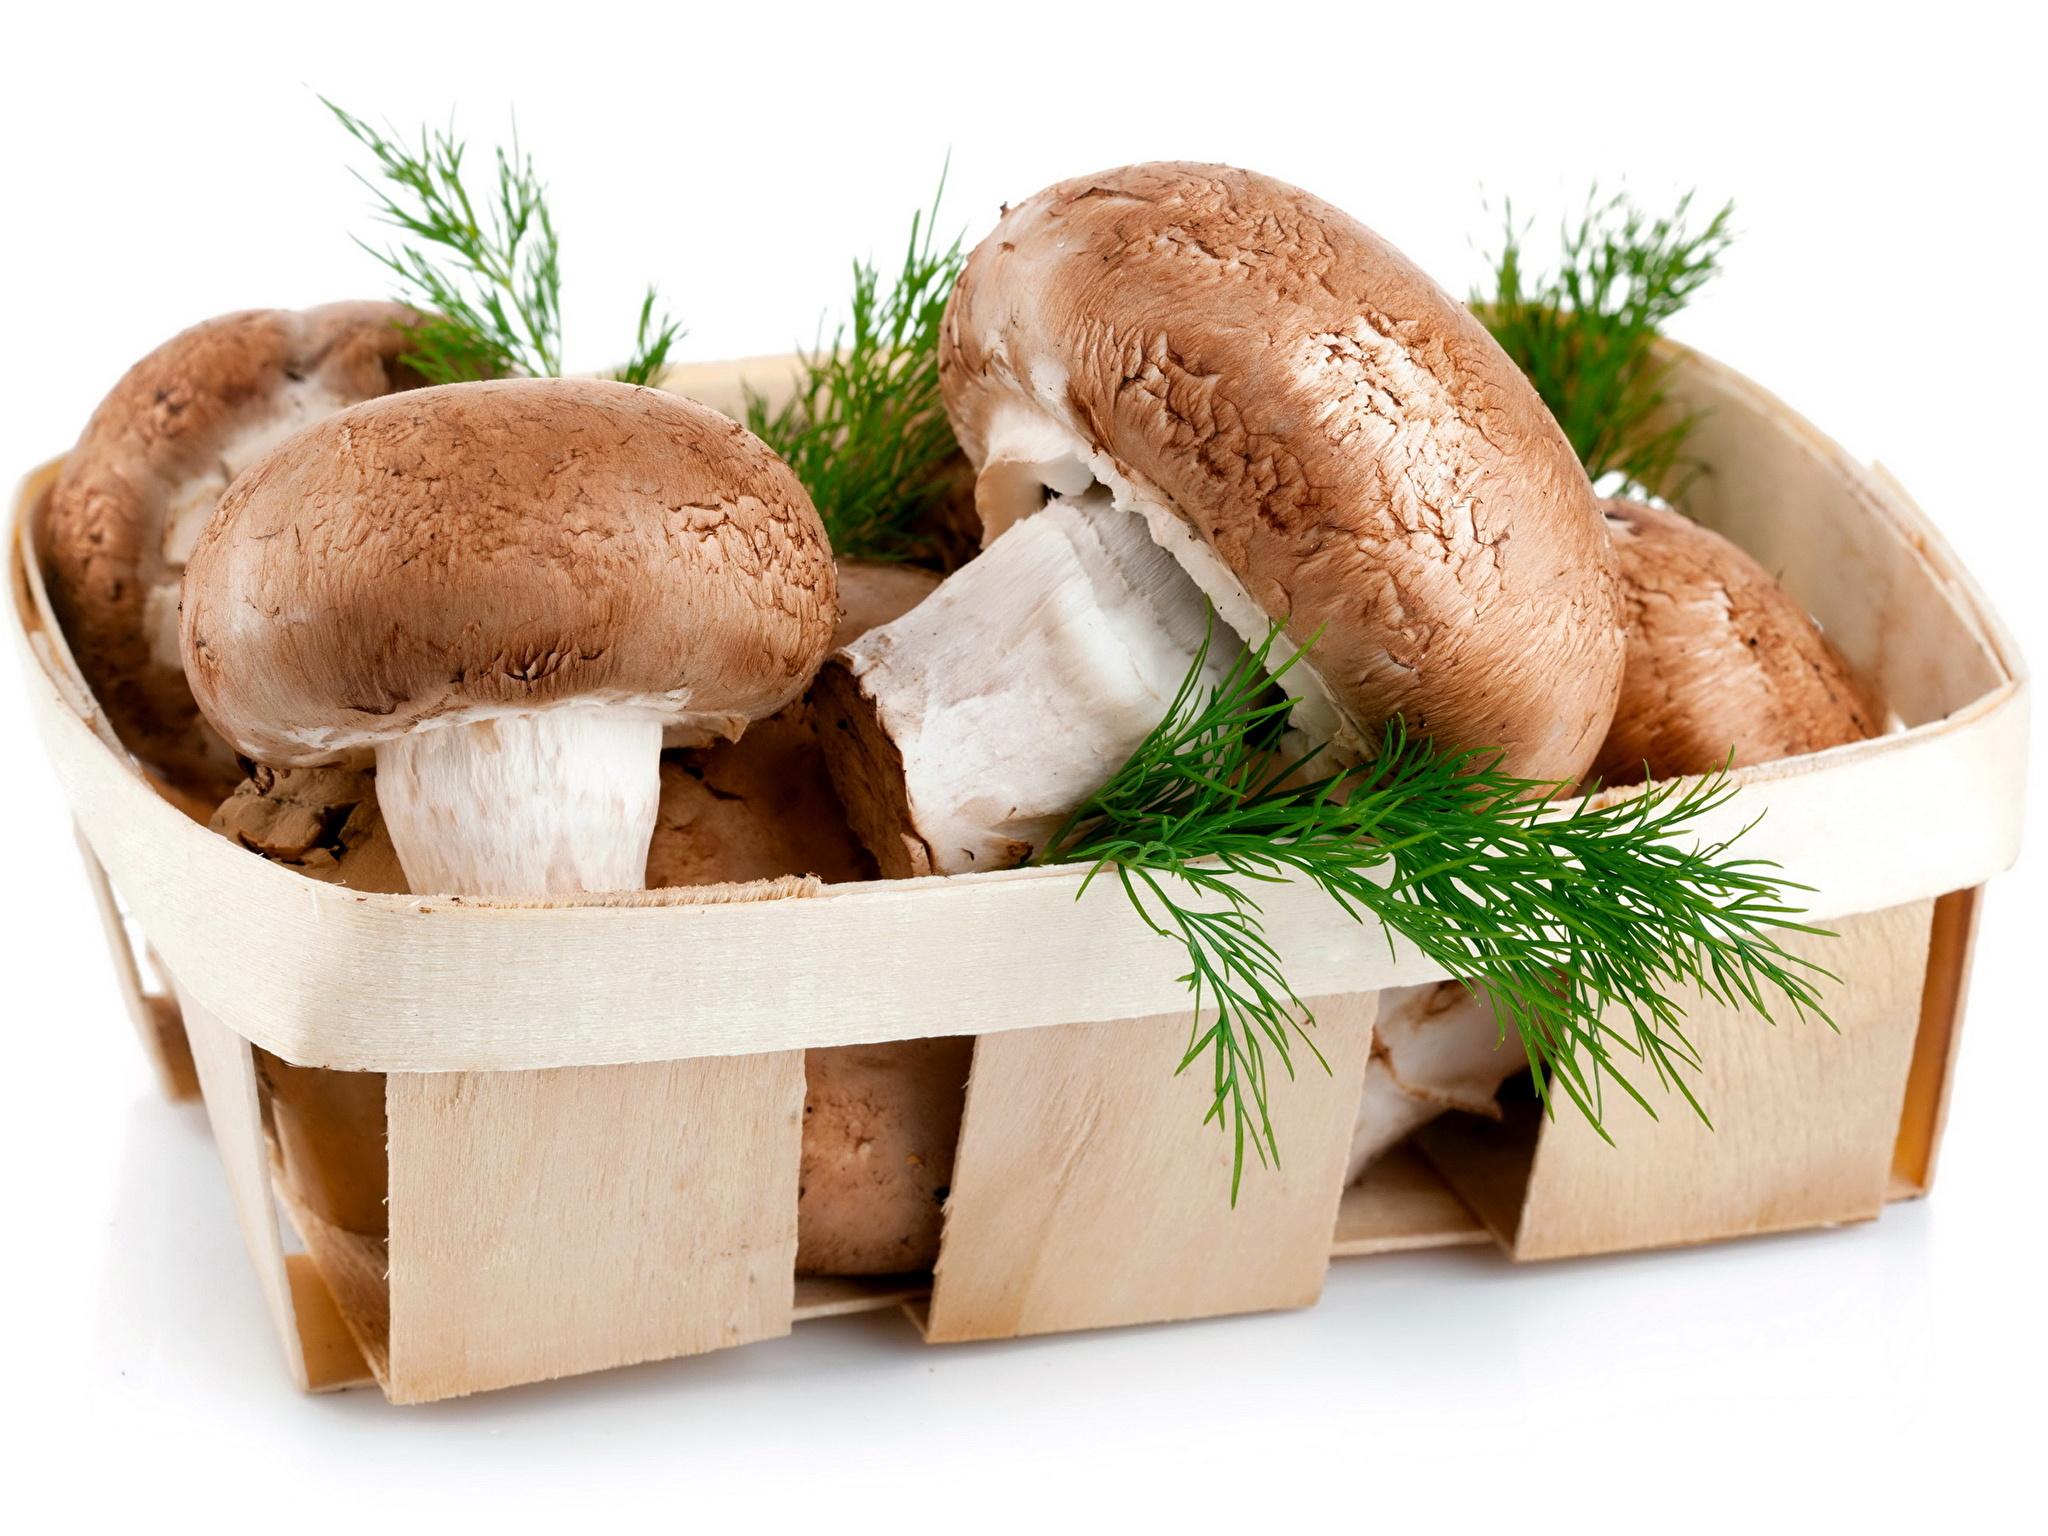 можно ли мариновать замороженные грибы